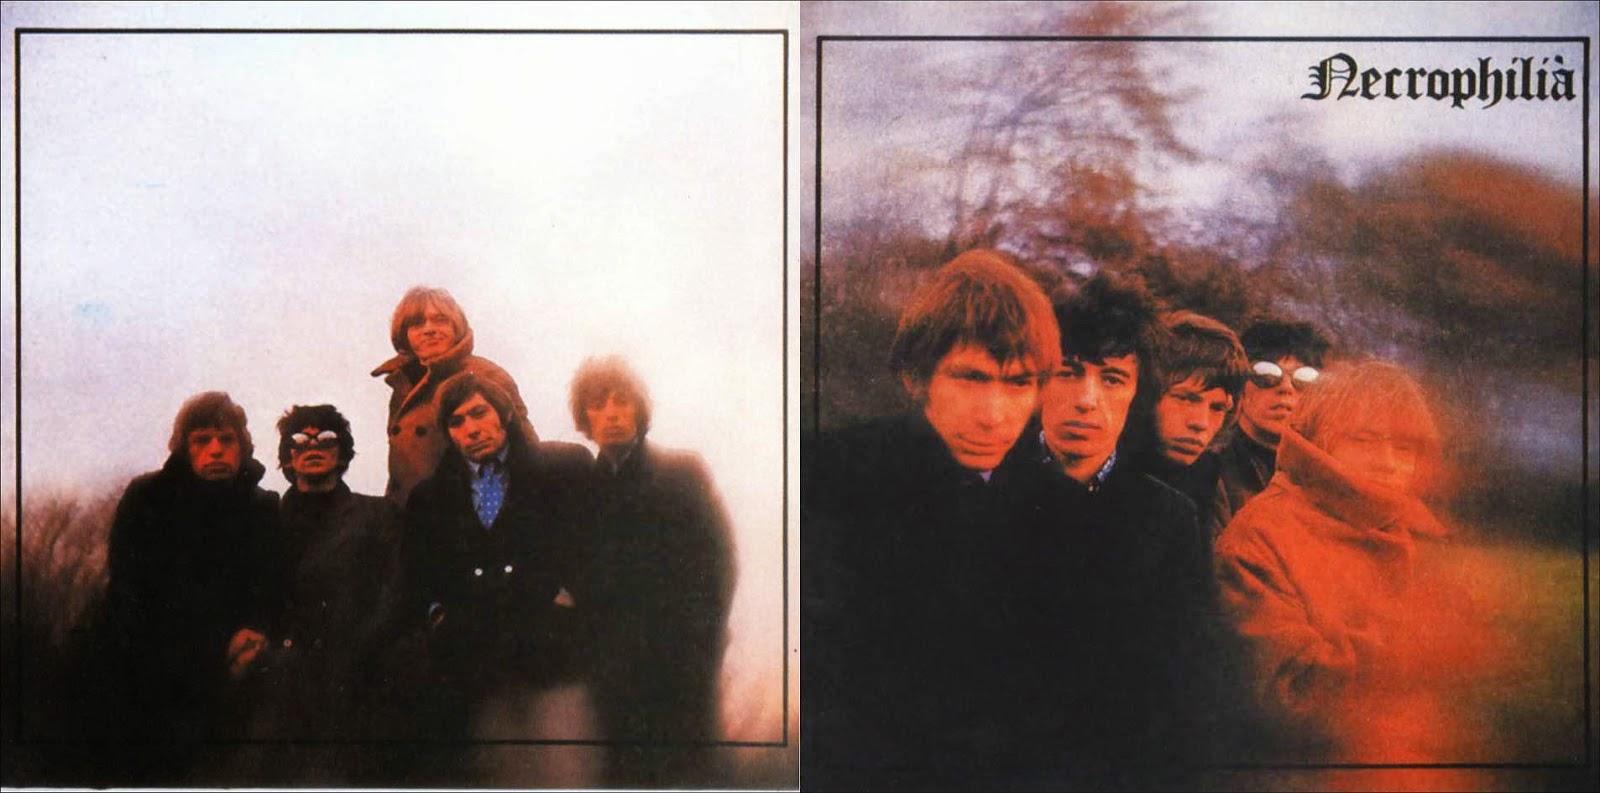 RELIQUARY: Rolling Stones - Necrophilia (The Unreleased